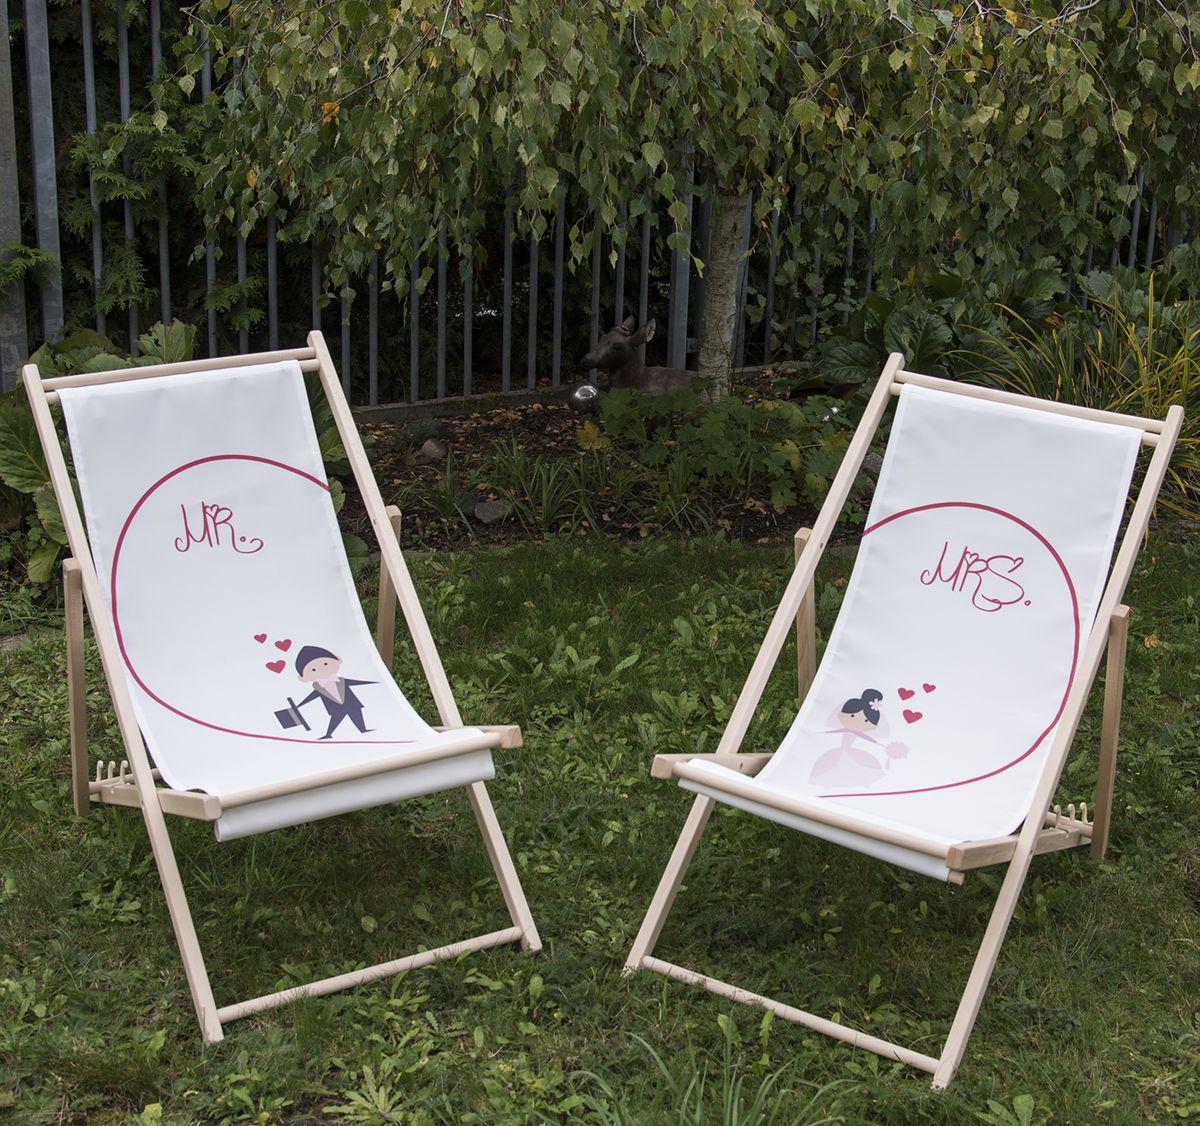 Partner Liegestuhl Brautpaar Mr. & Mrs. individuelles Hochzeitsgeschenk 2 Stück Geschenkidee zur Hochzeit